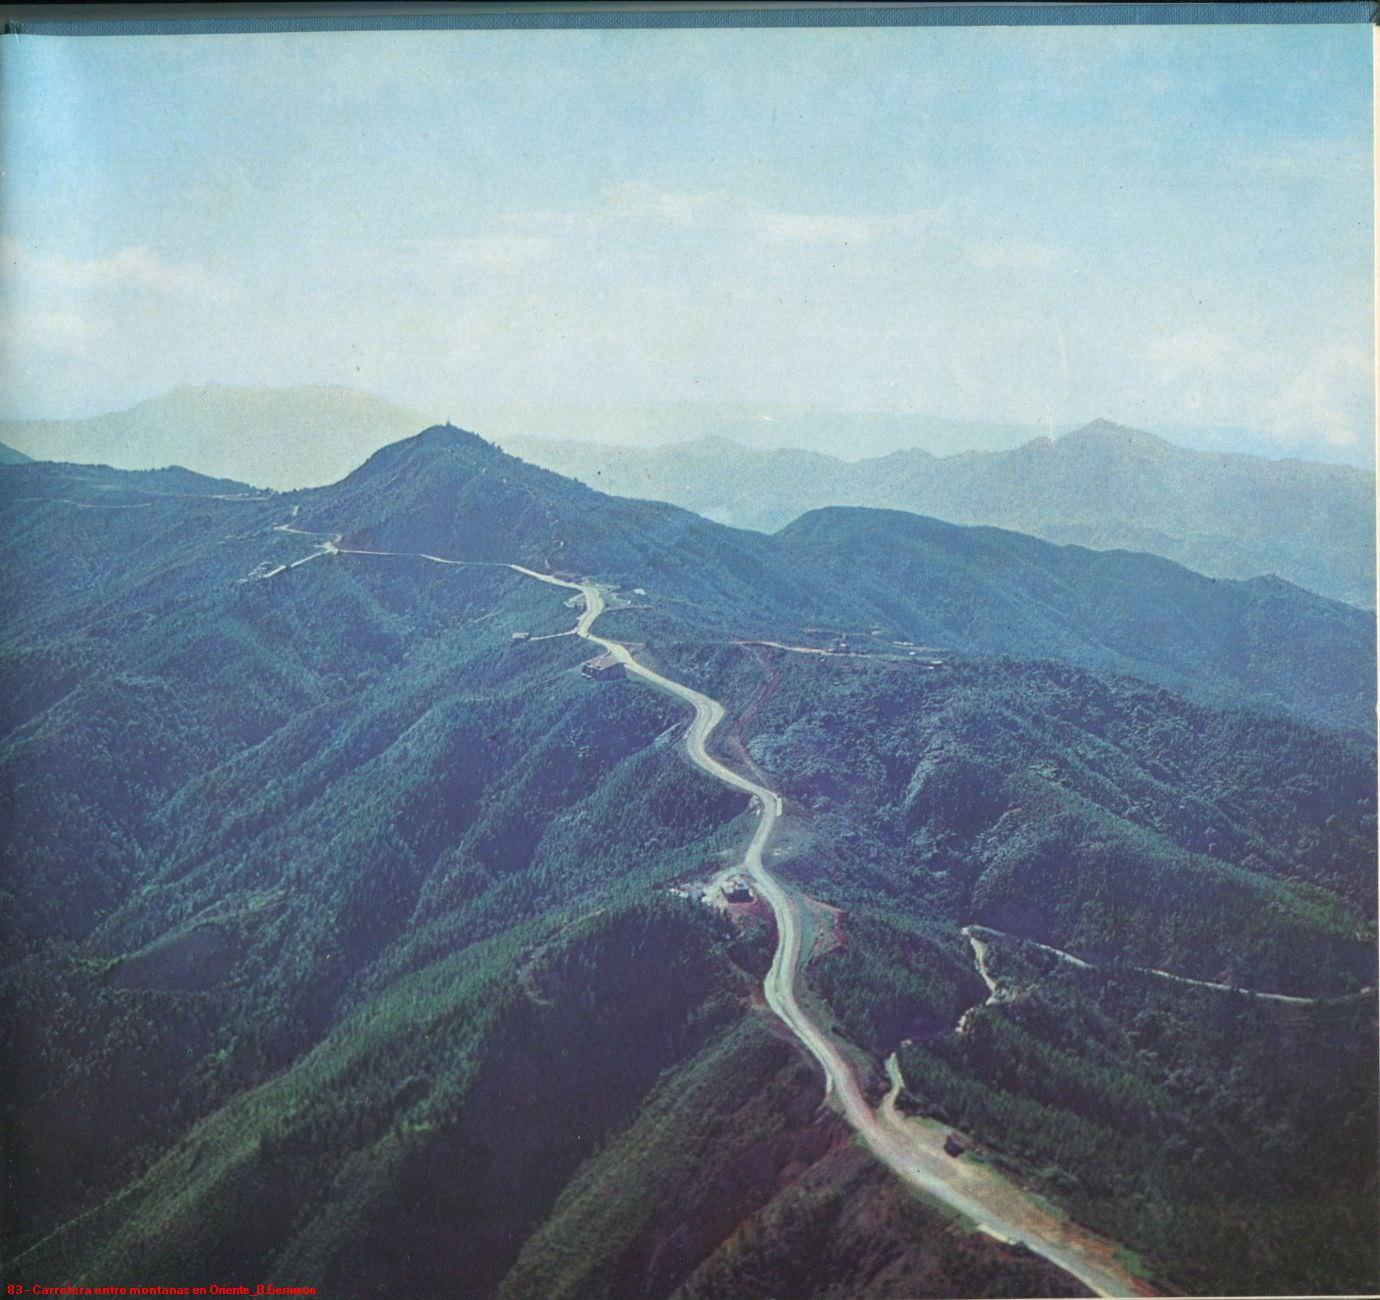 083. Carretera entre montanas en Oriente